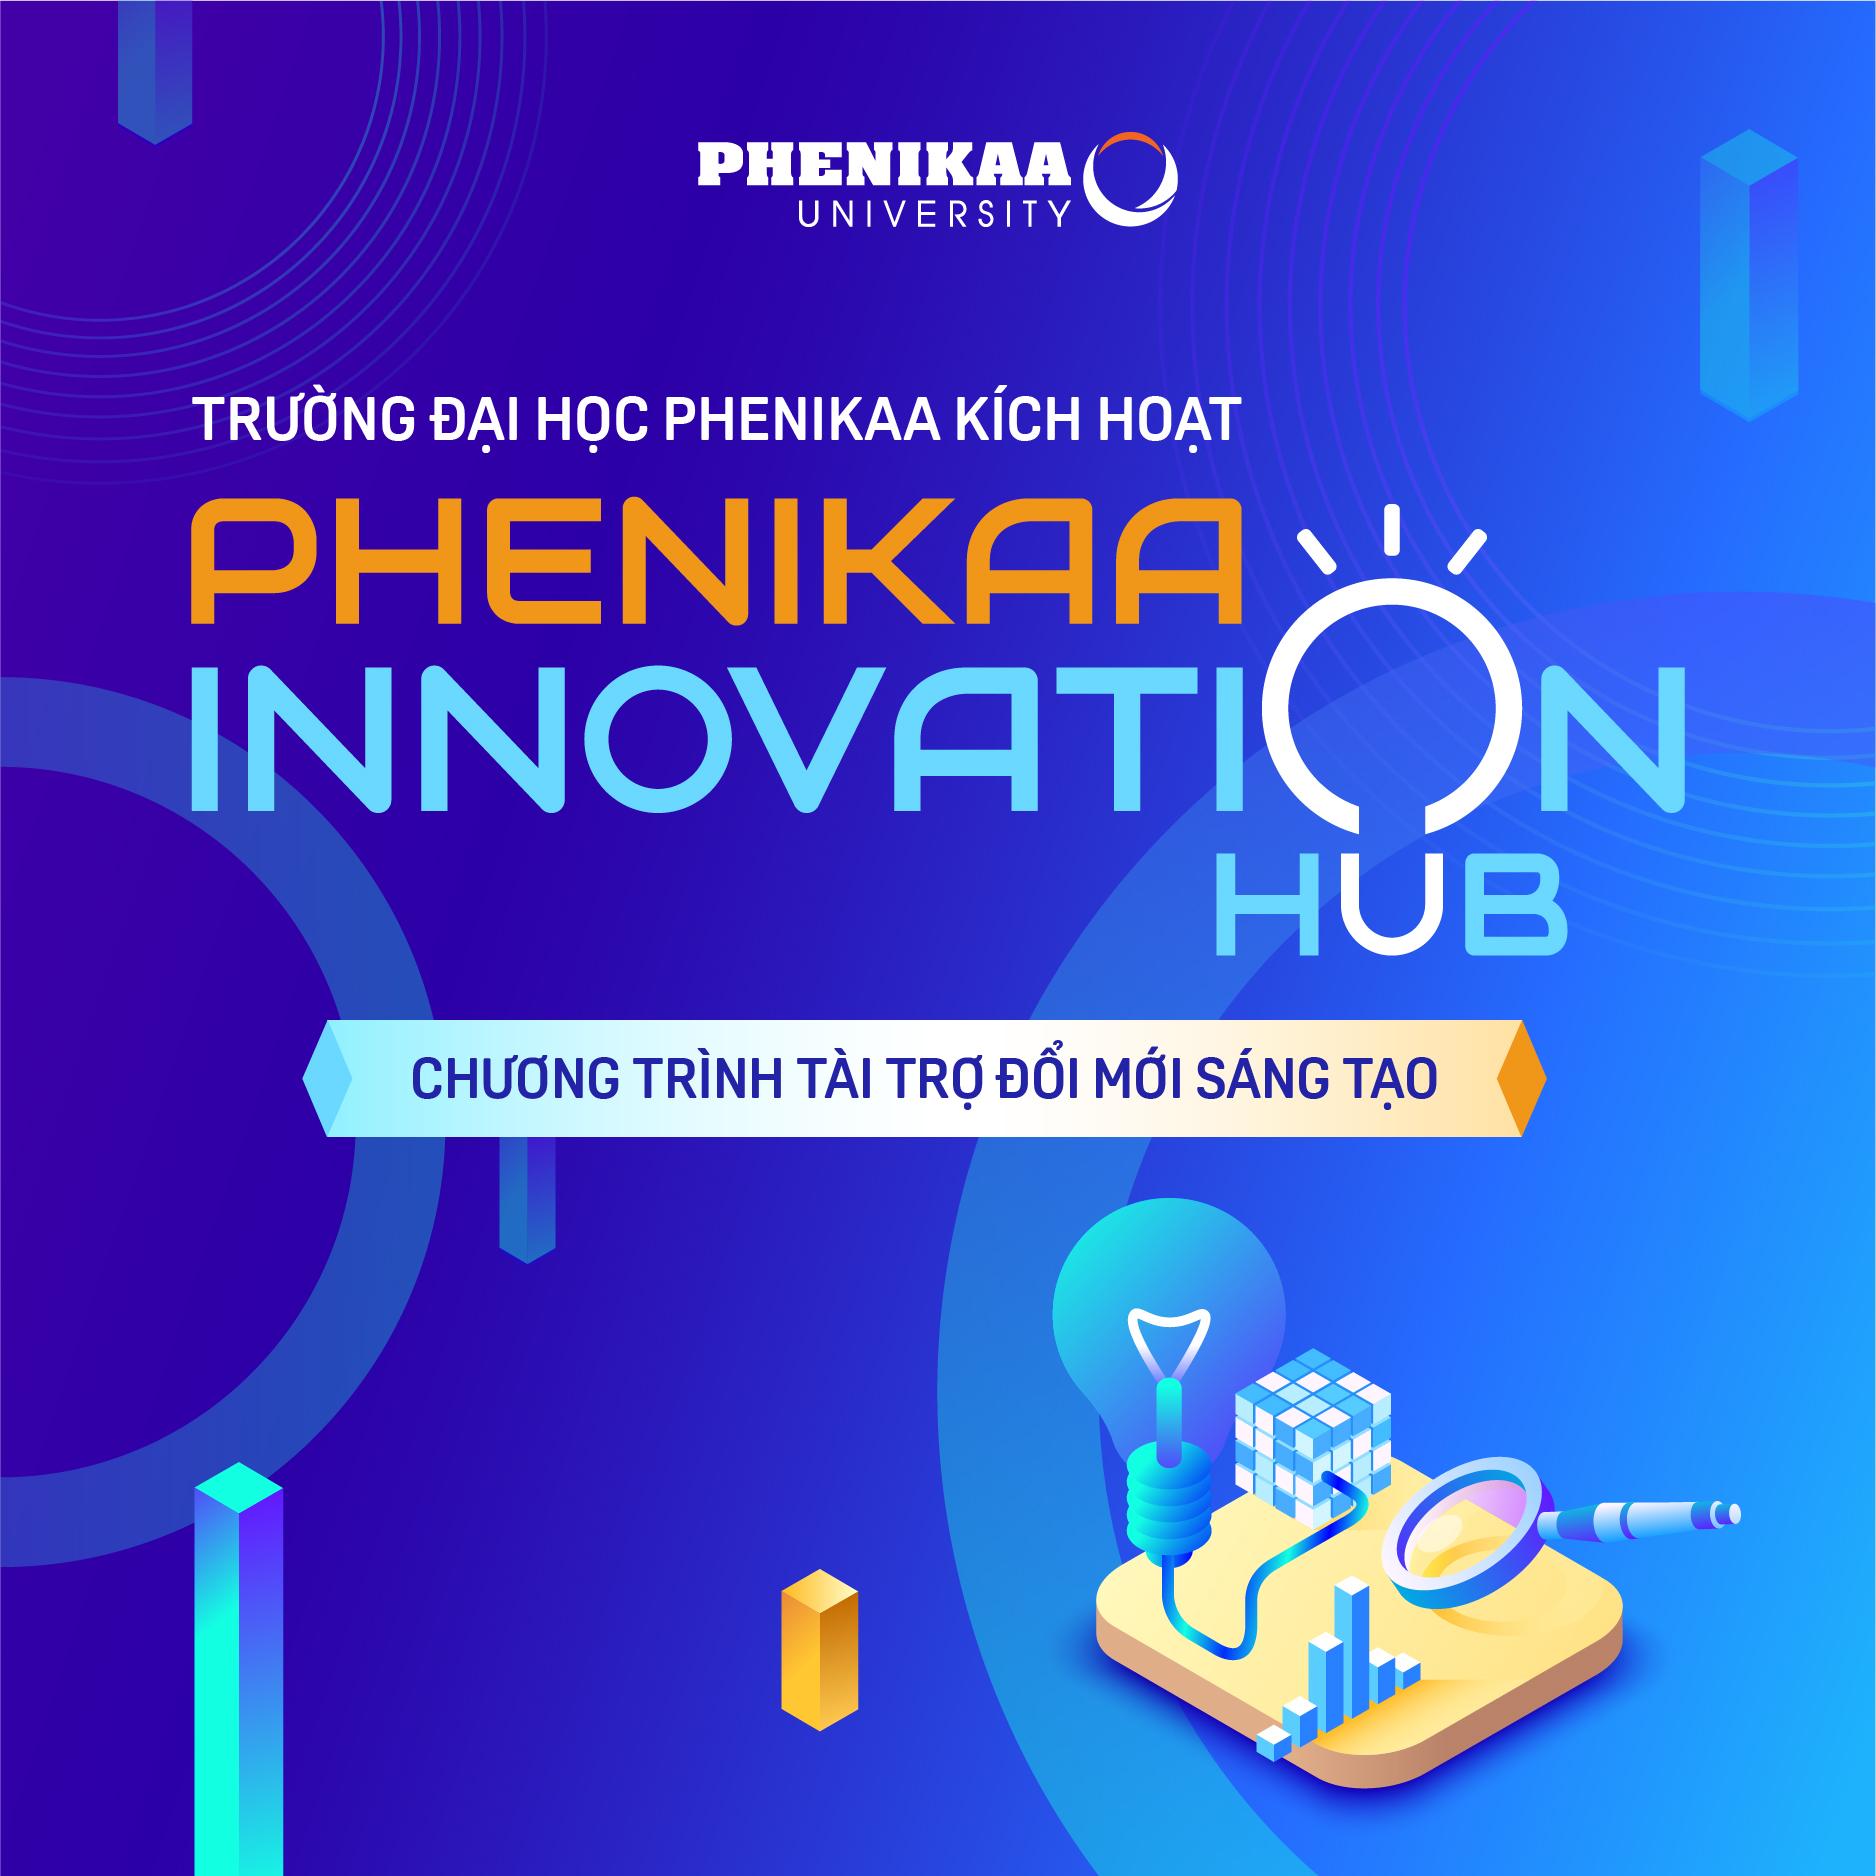 Chương trình tài trợ đổi mới sáng tạo - Phenikaa Innovation Hub